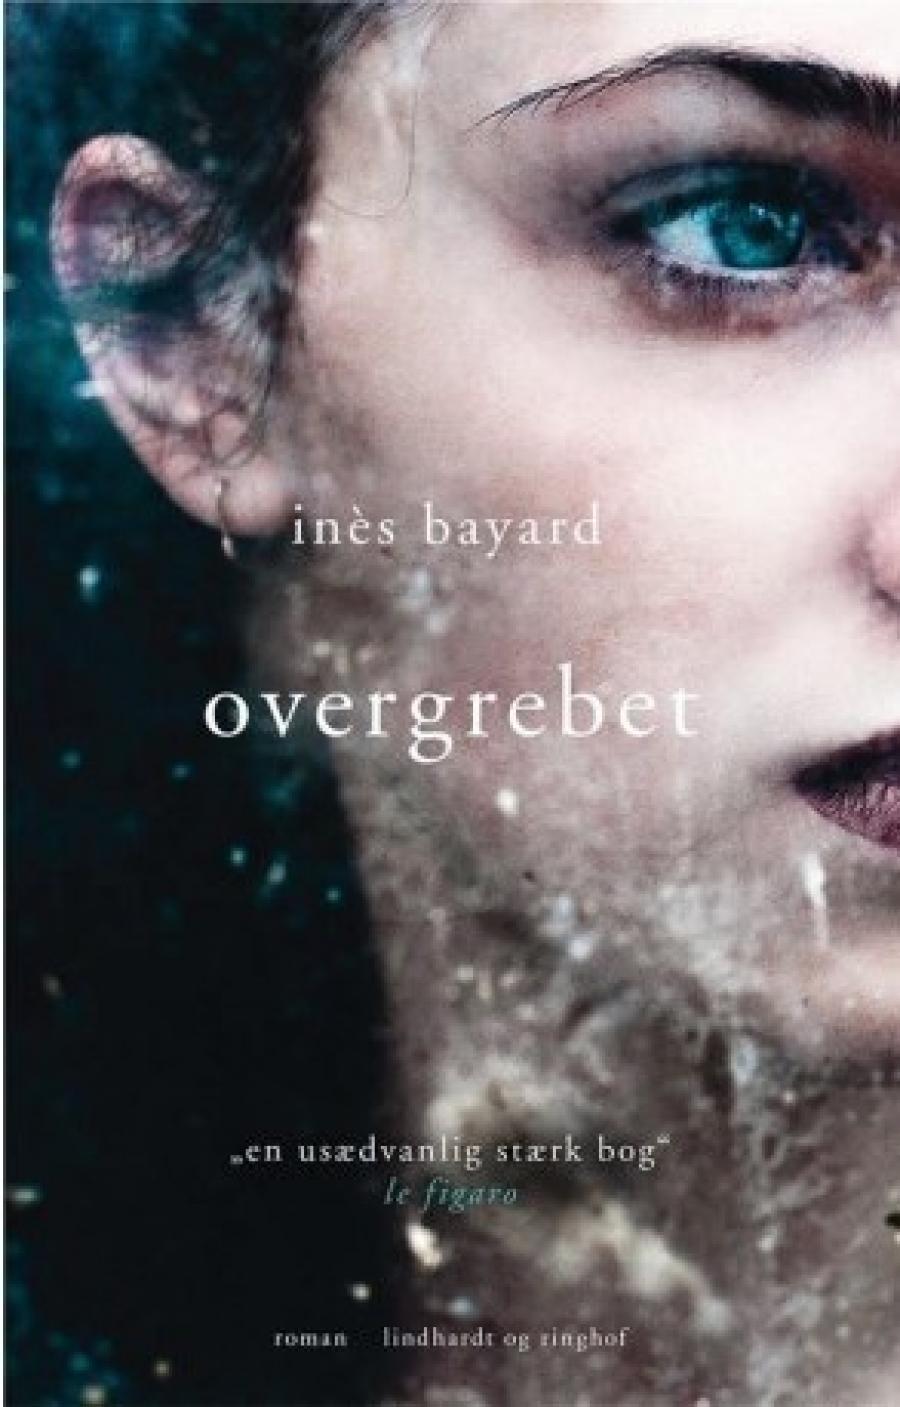 Inès Bayard: Overgrebet. (2019)